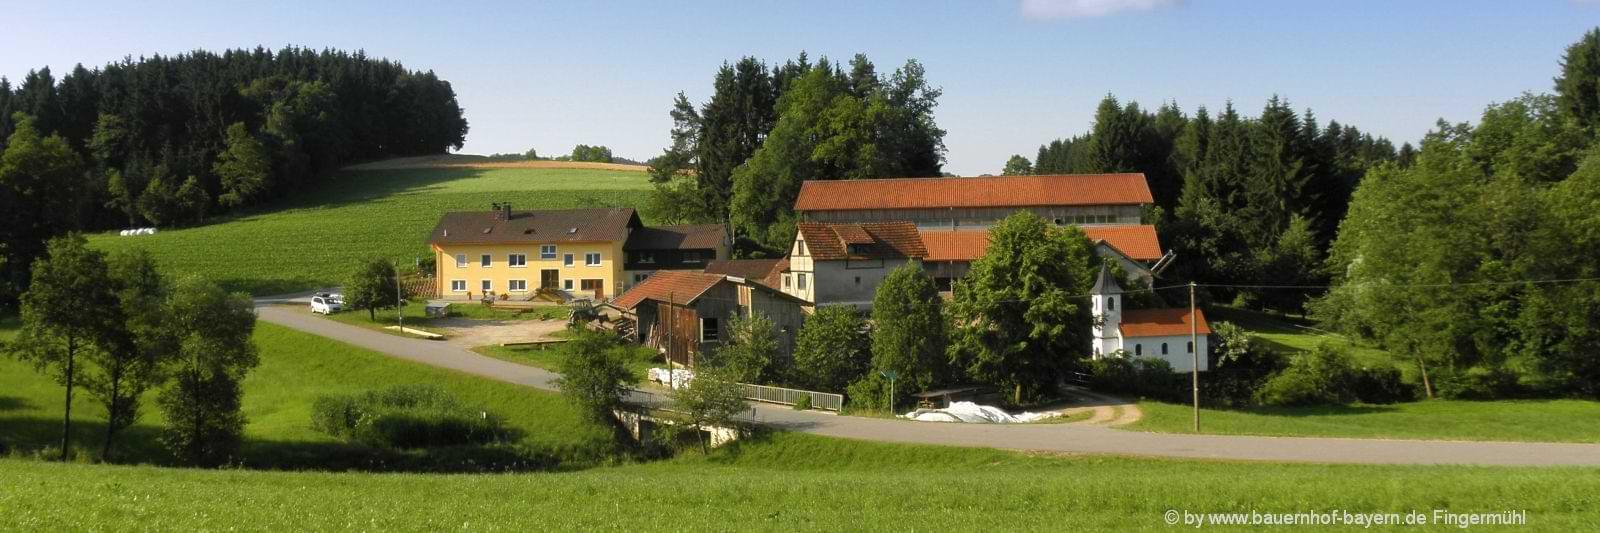 Urlaub auf dem Bauernhof in Bayern – toller Kinderurlaub und Familienurlaub